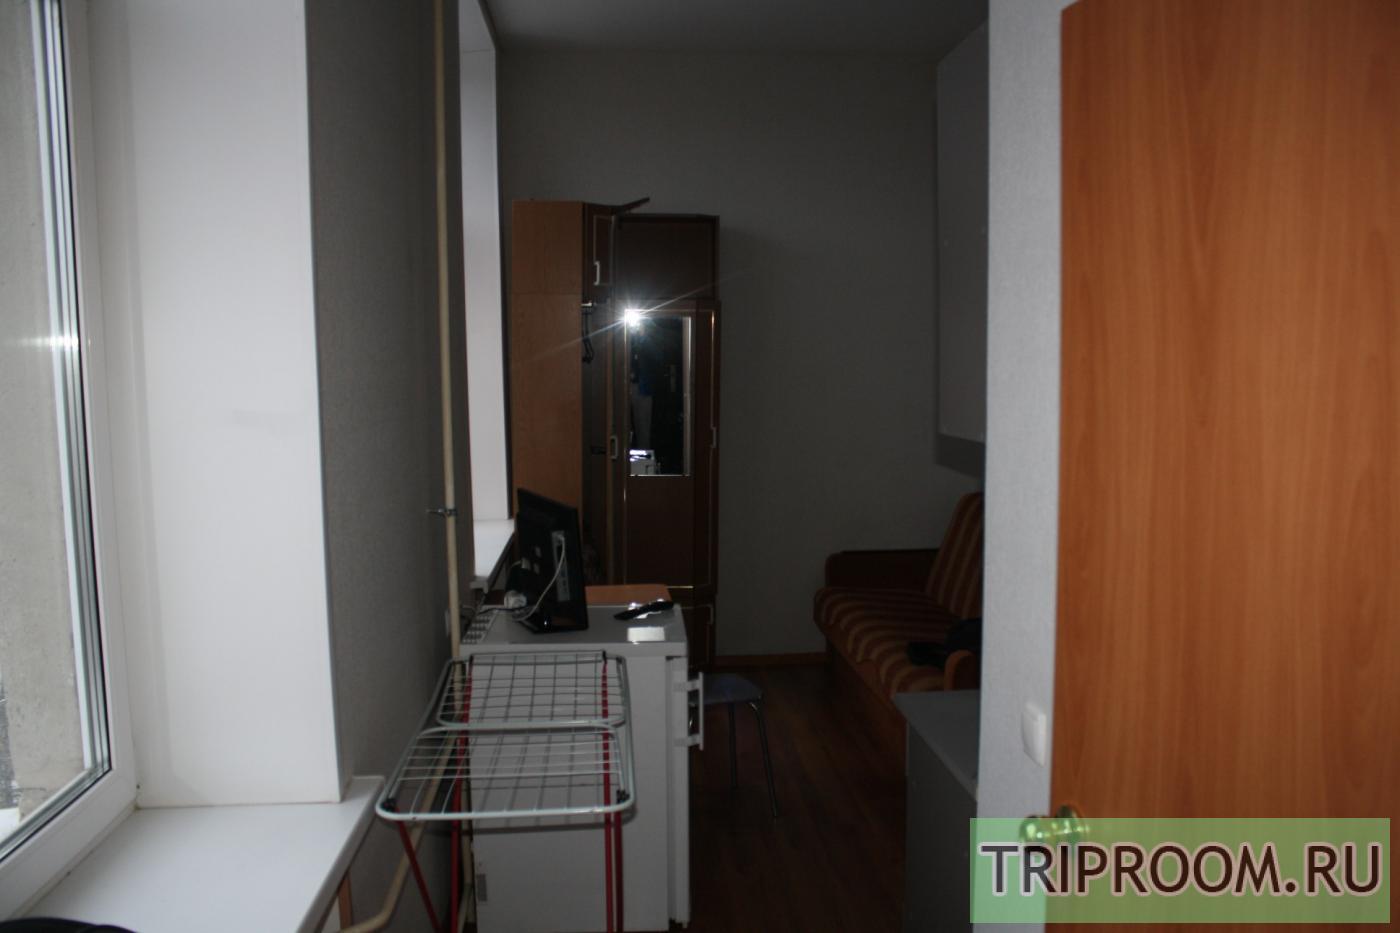 1-комнатная квартира посуточно (вариант № 15680), ул. Нижняя Первомайская улица, фото № 5